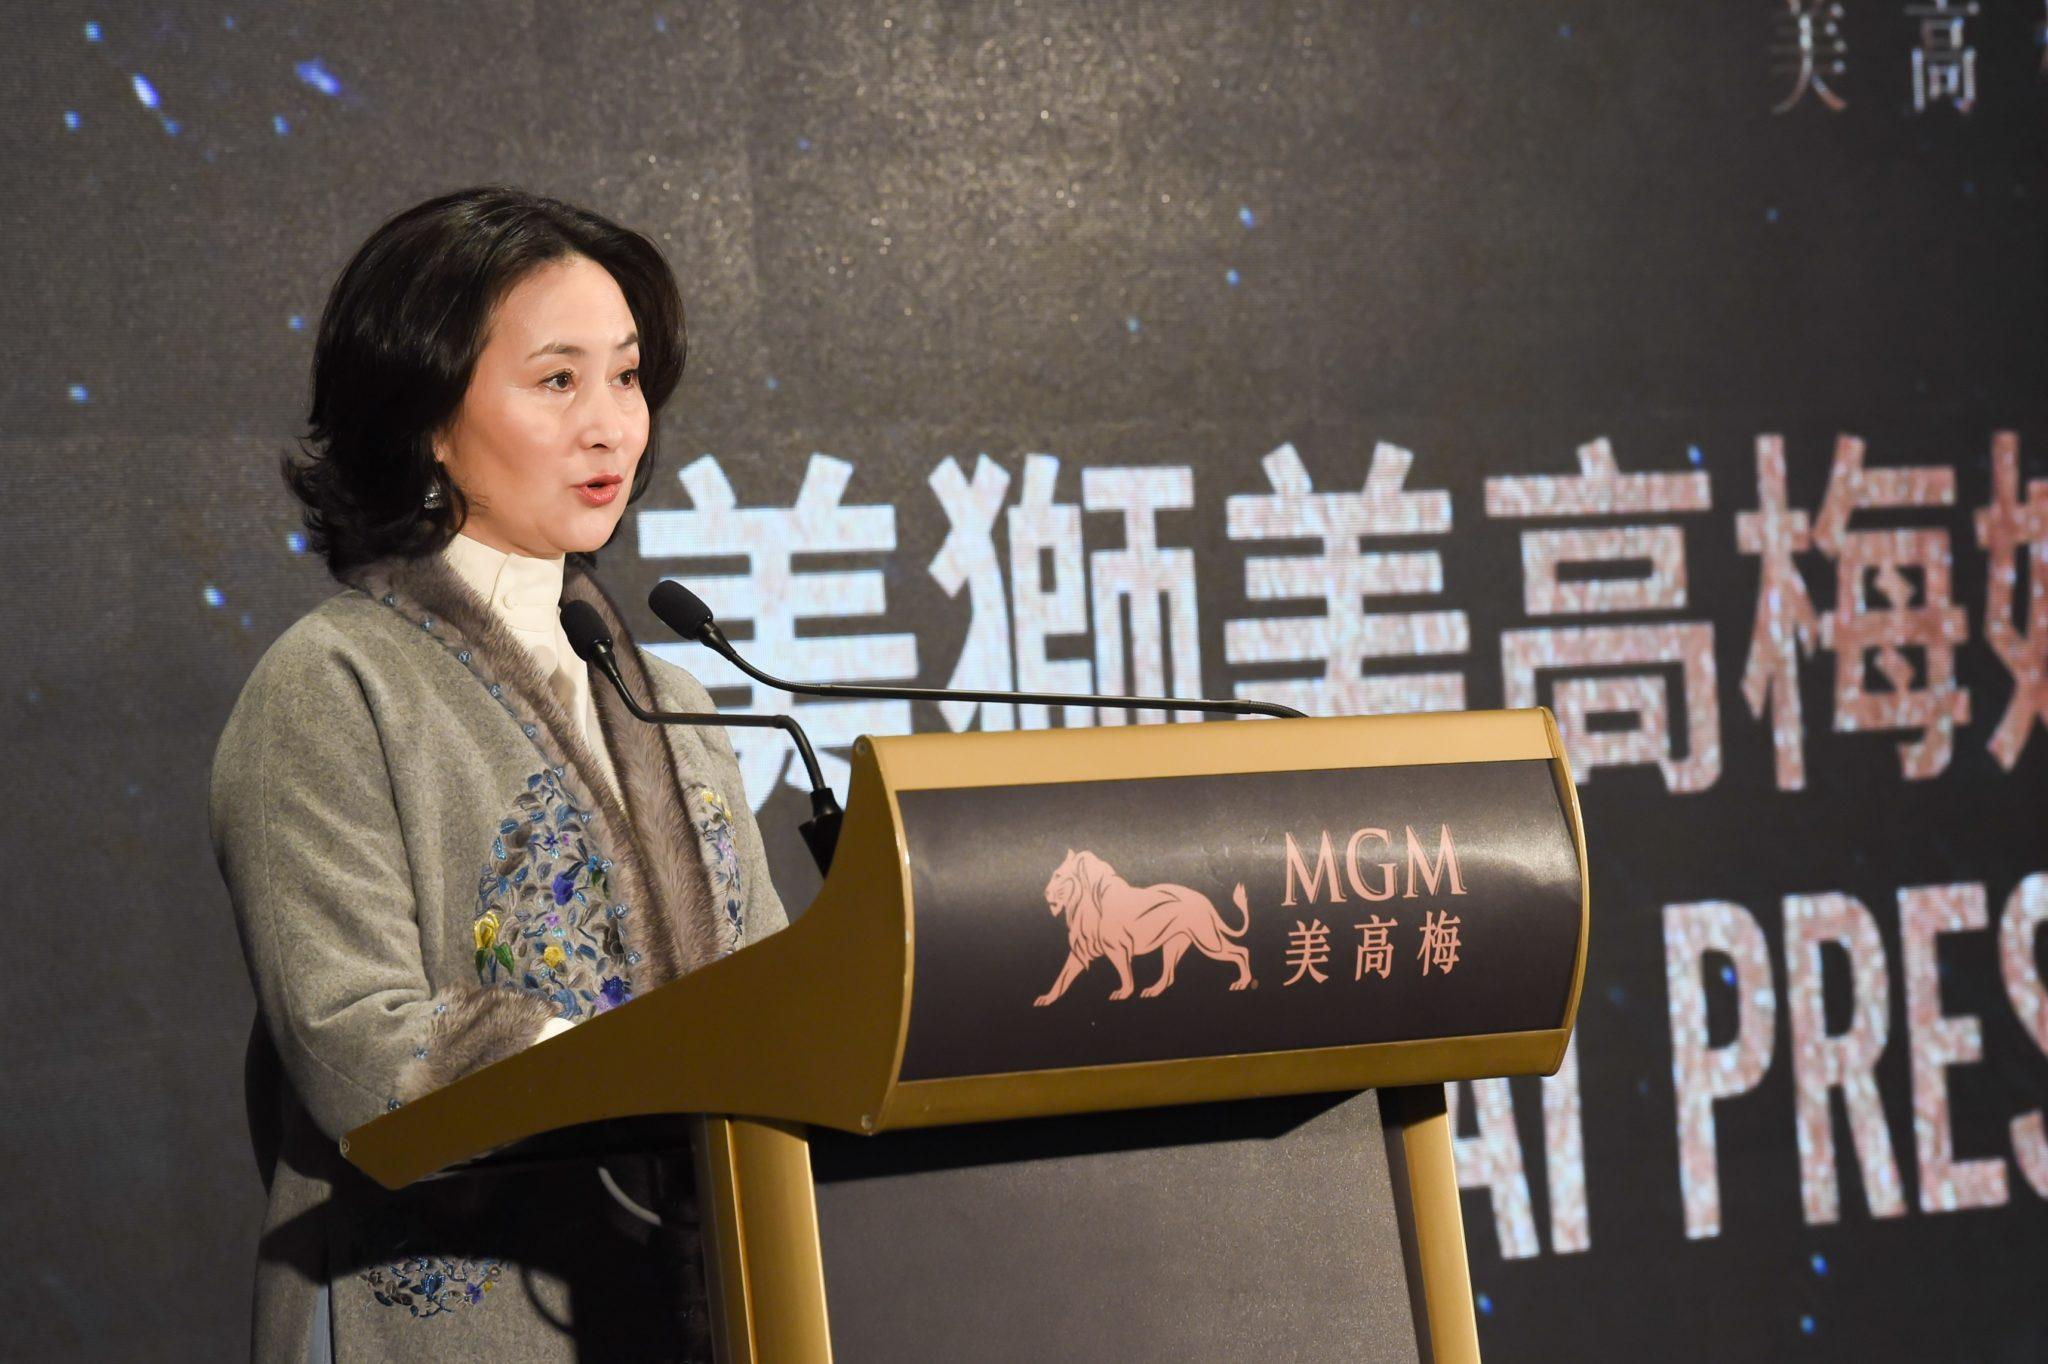 Pansy Ho vende acções da MGM mas diz querer continuar ligada à empresa